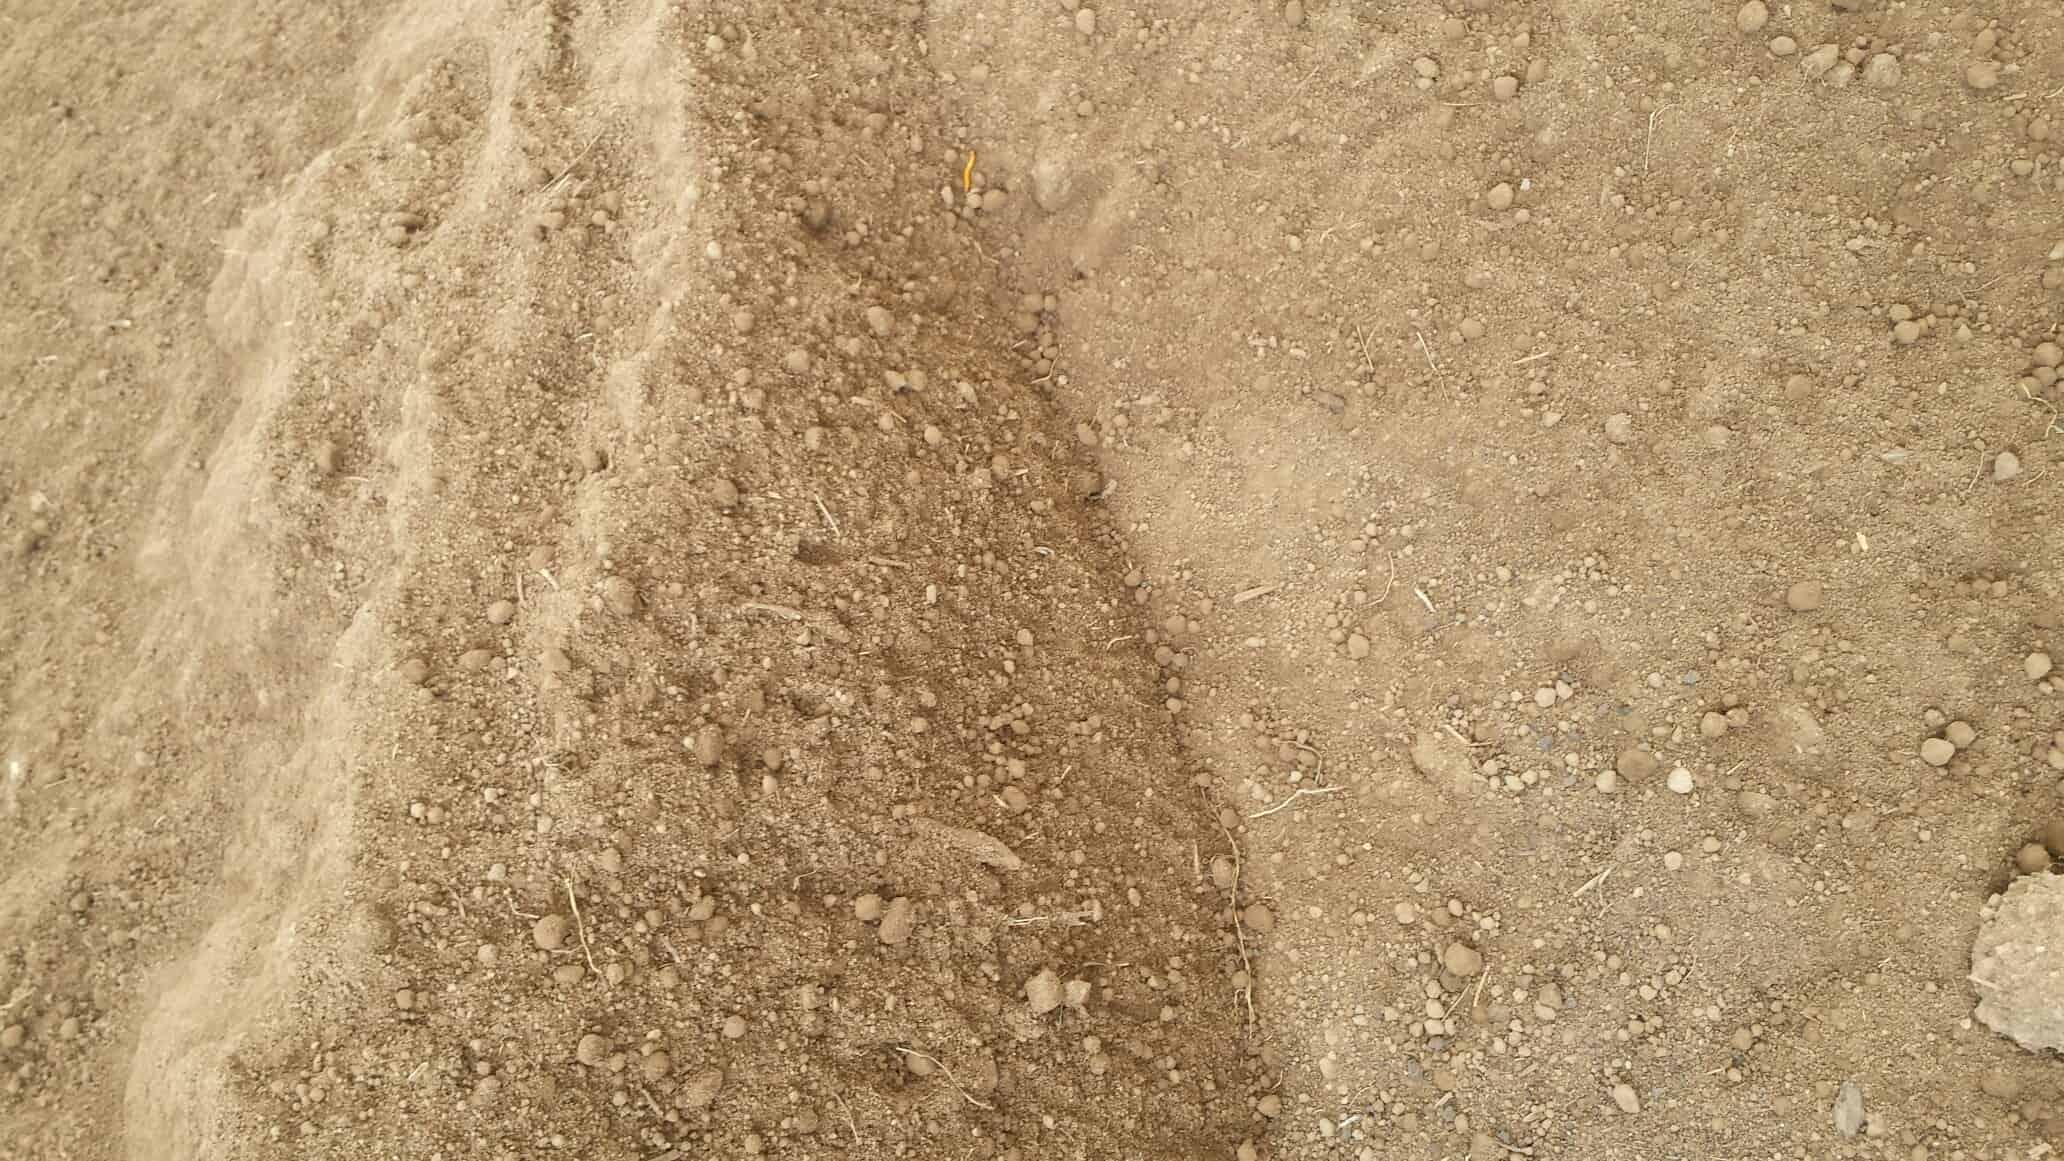 Sandy Loam topsoil